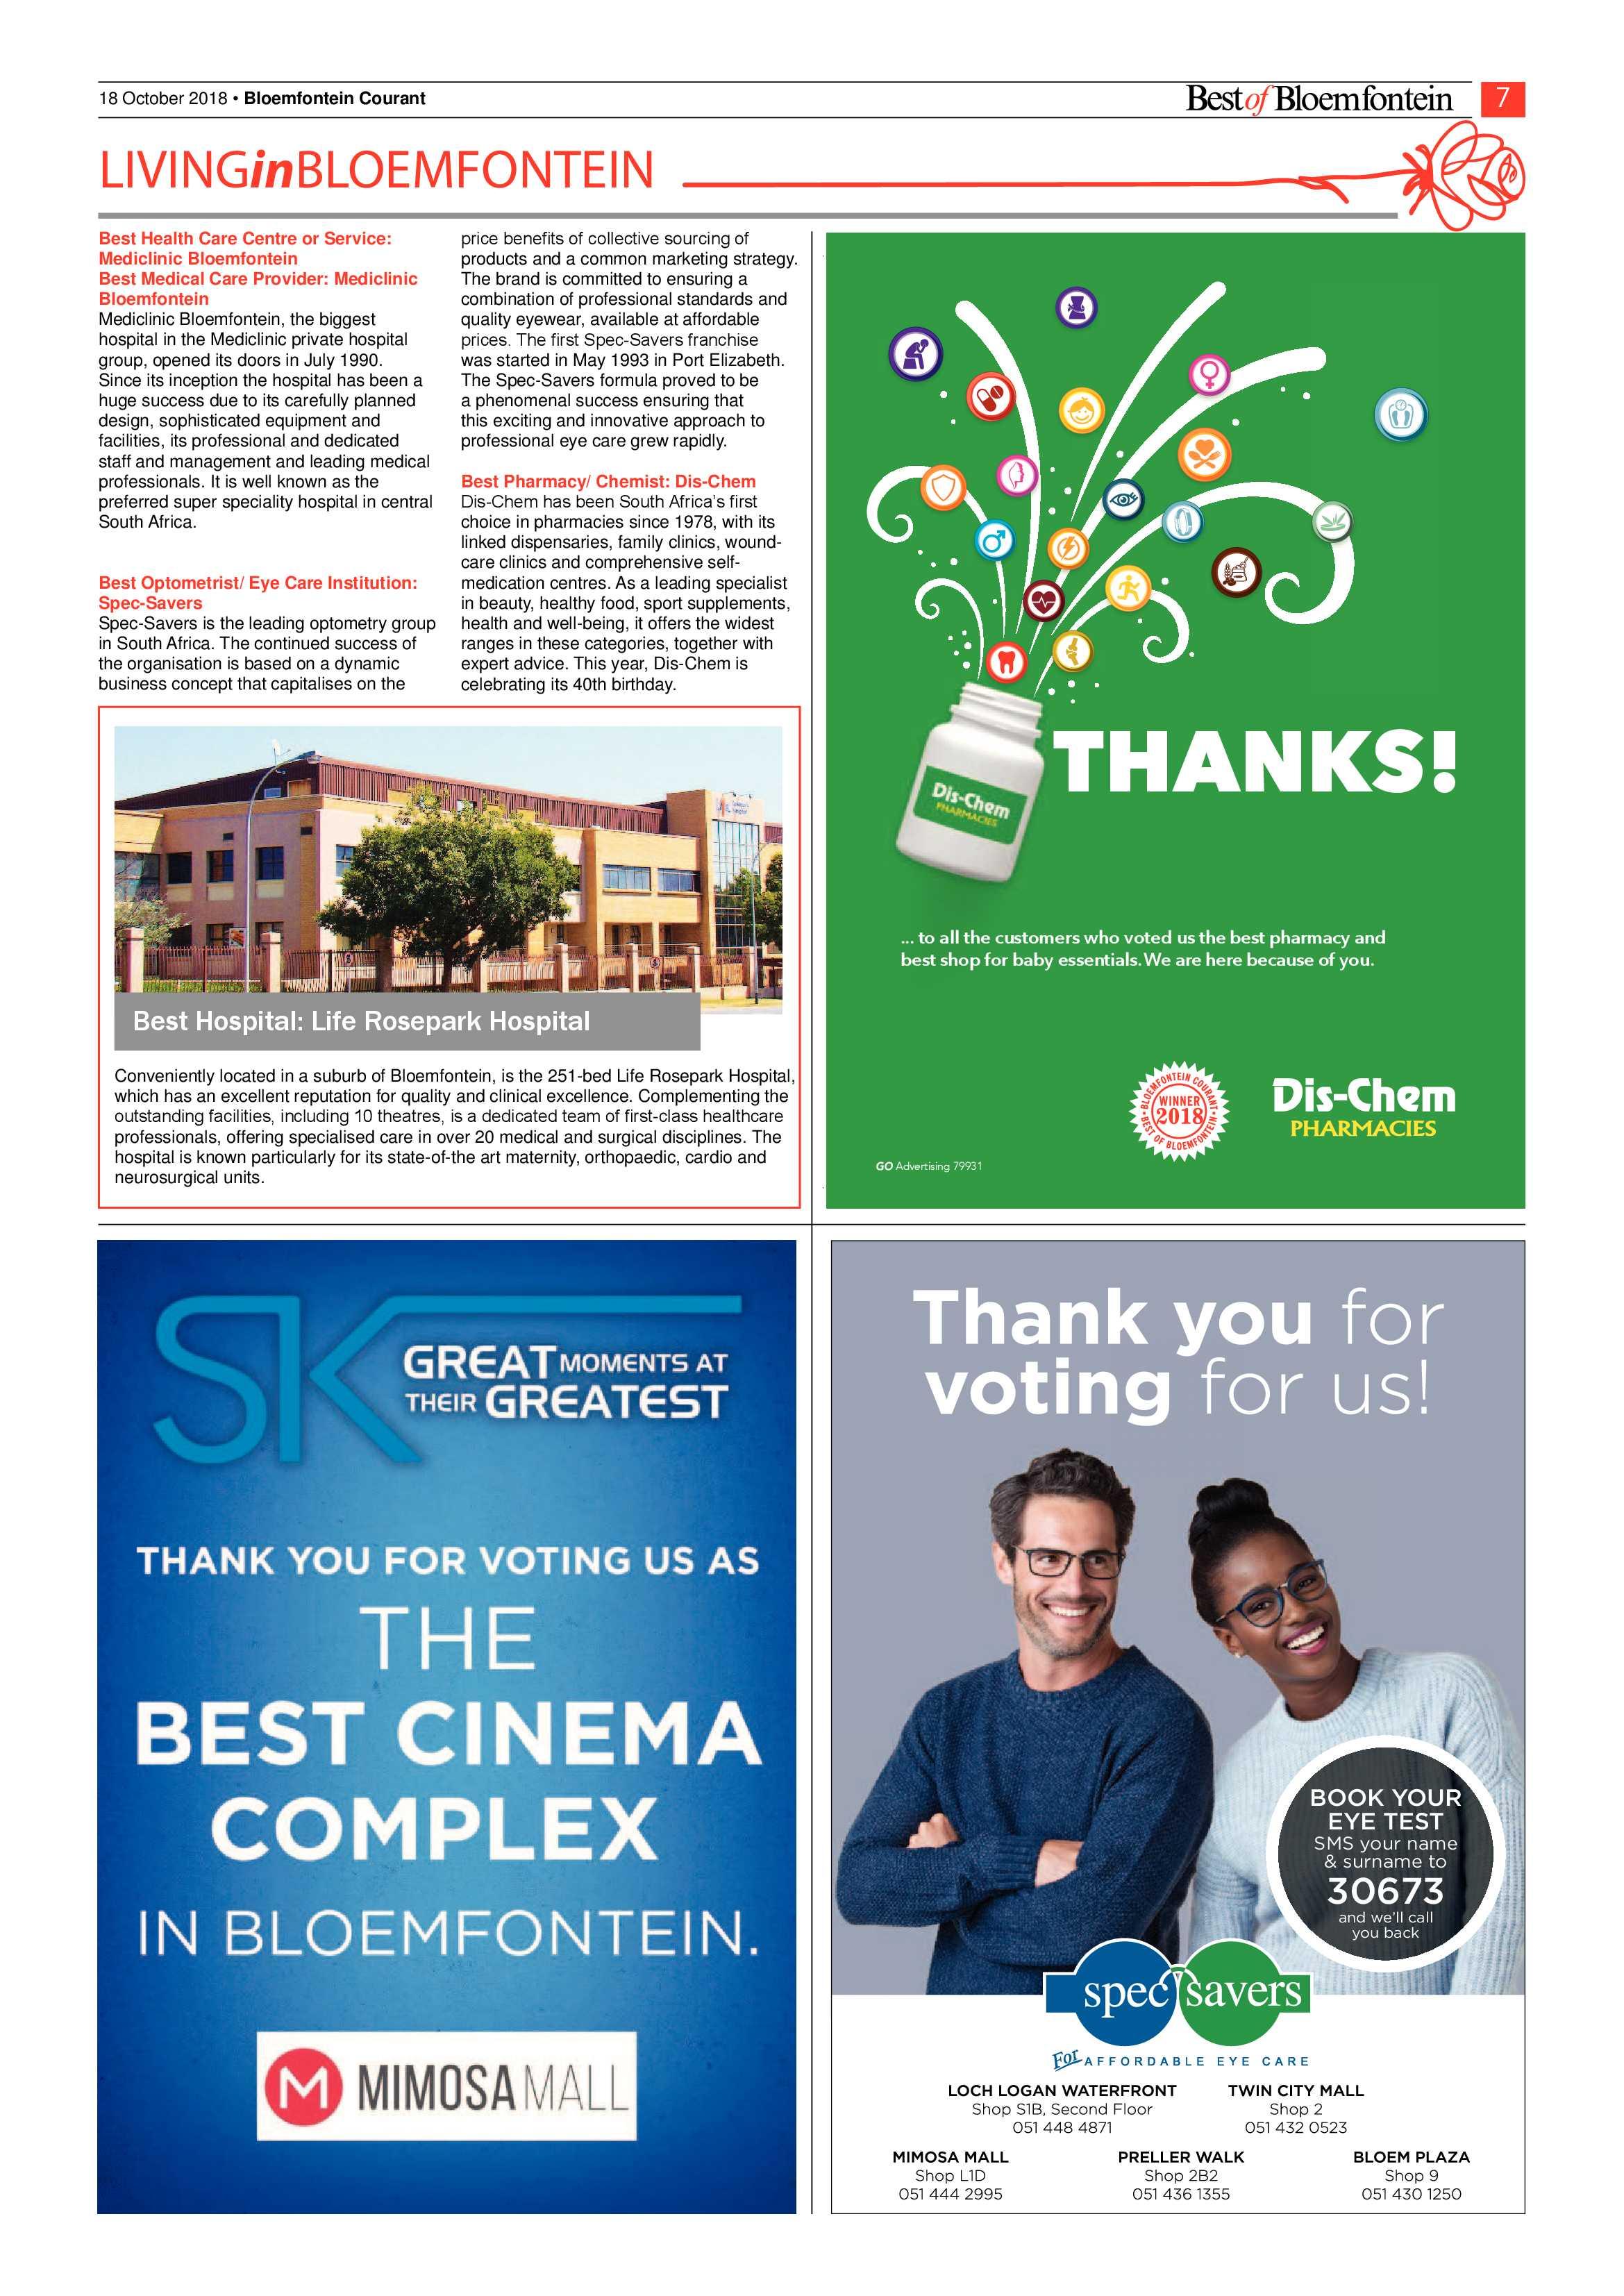 best-of-bloemfontein-2018-epapers-page-7